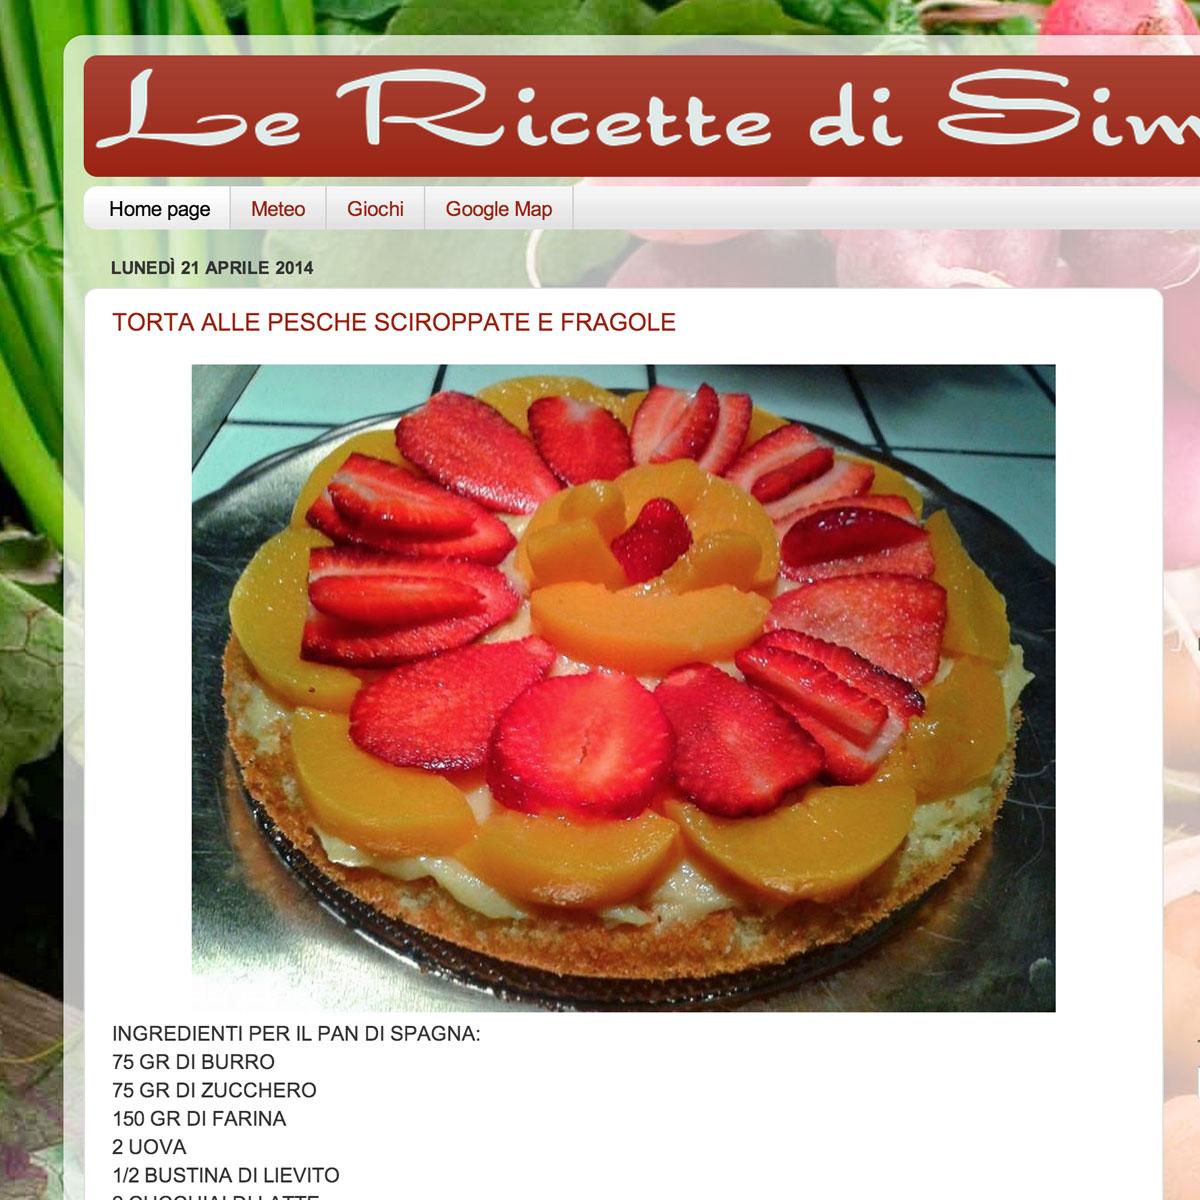 Le ricette di Simona